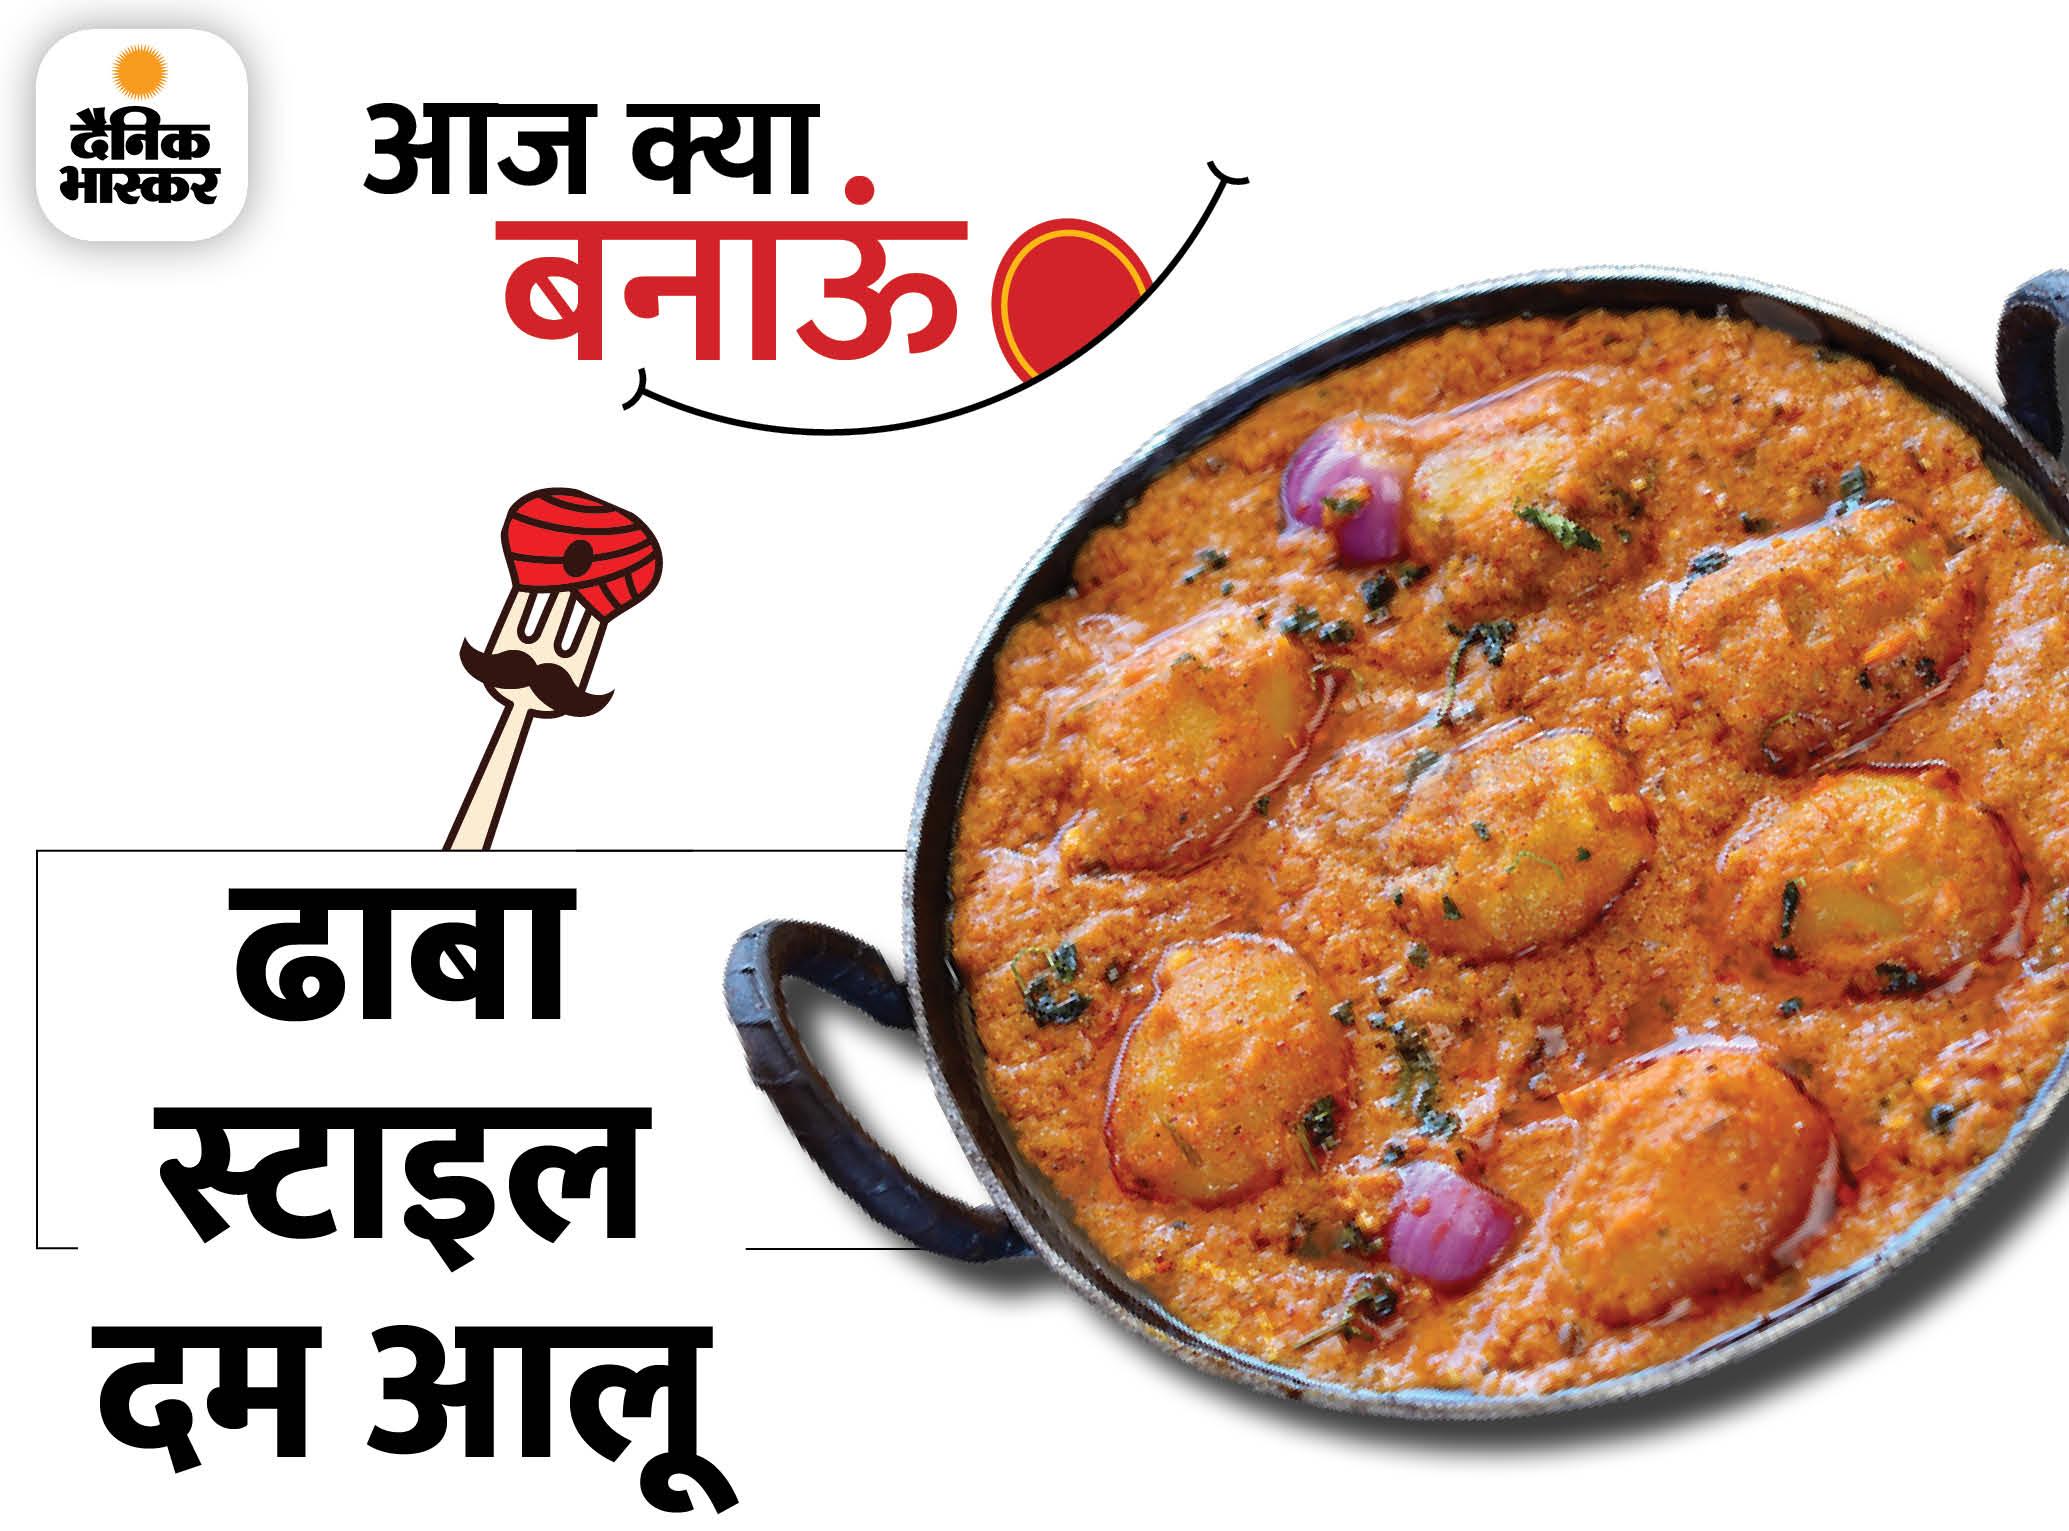 स्पाइसी खाने के शौकीनों के लिए ढाबा स्टाइल दम आलू, इसे धनिया पत्ती से गार्निश करें और चावल या रोटी के साथ सर्व करें लाइफस्टाइल,Lifestyle - Dainik Bhaskar